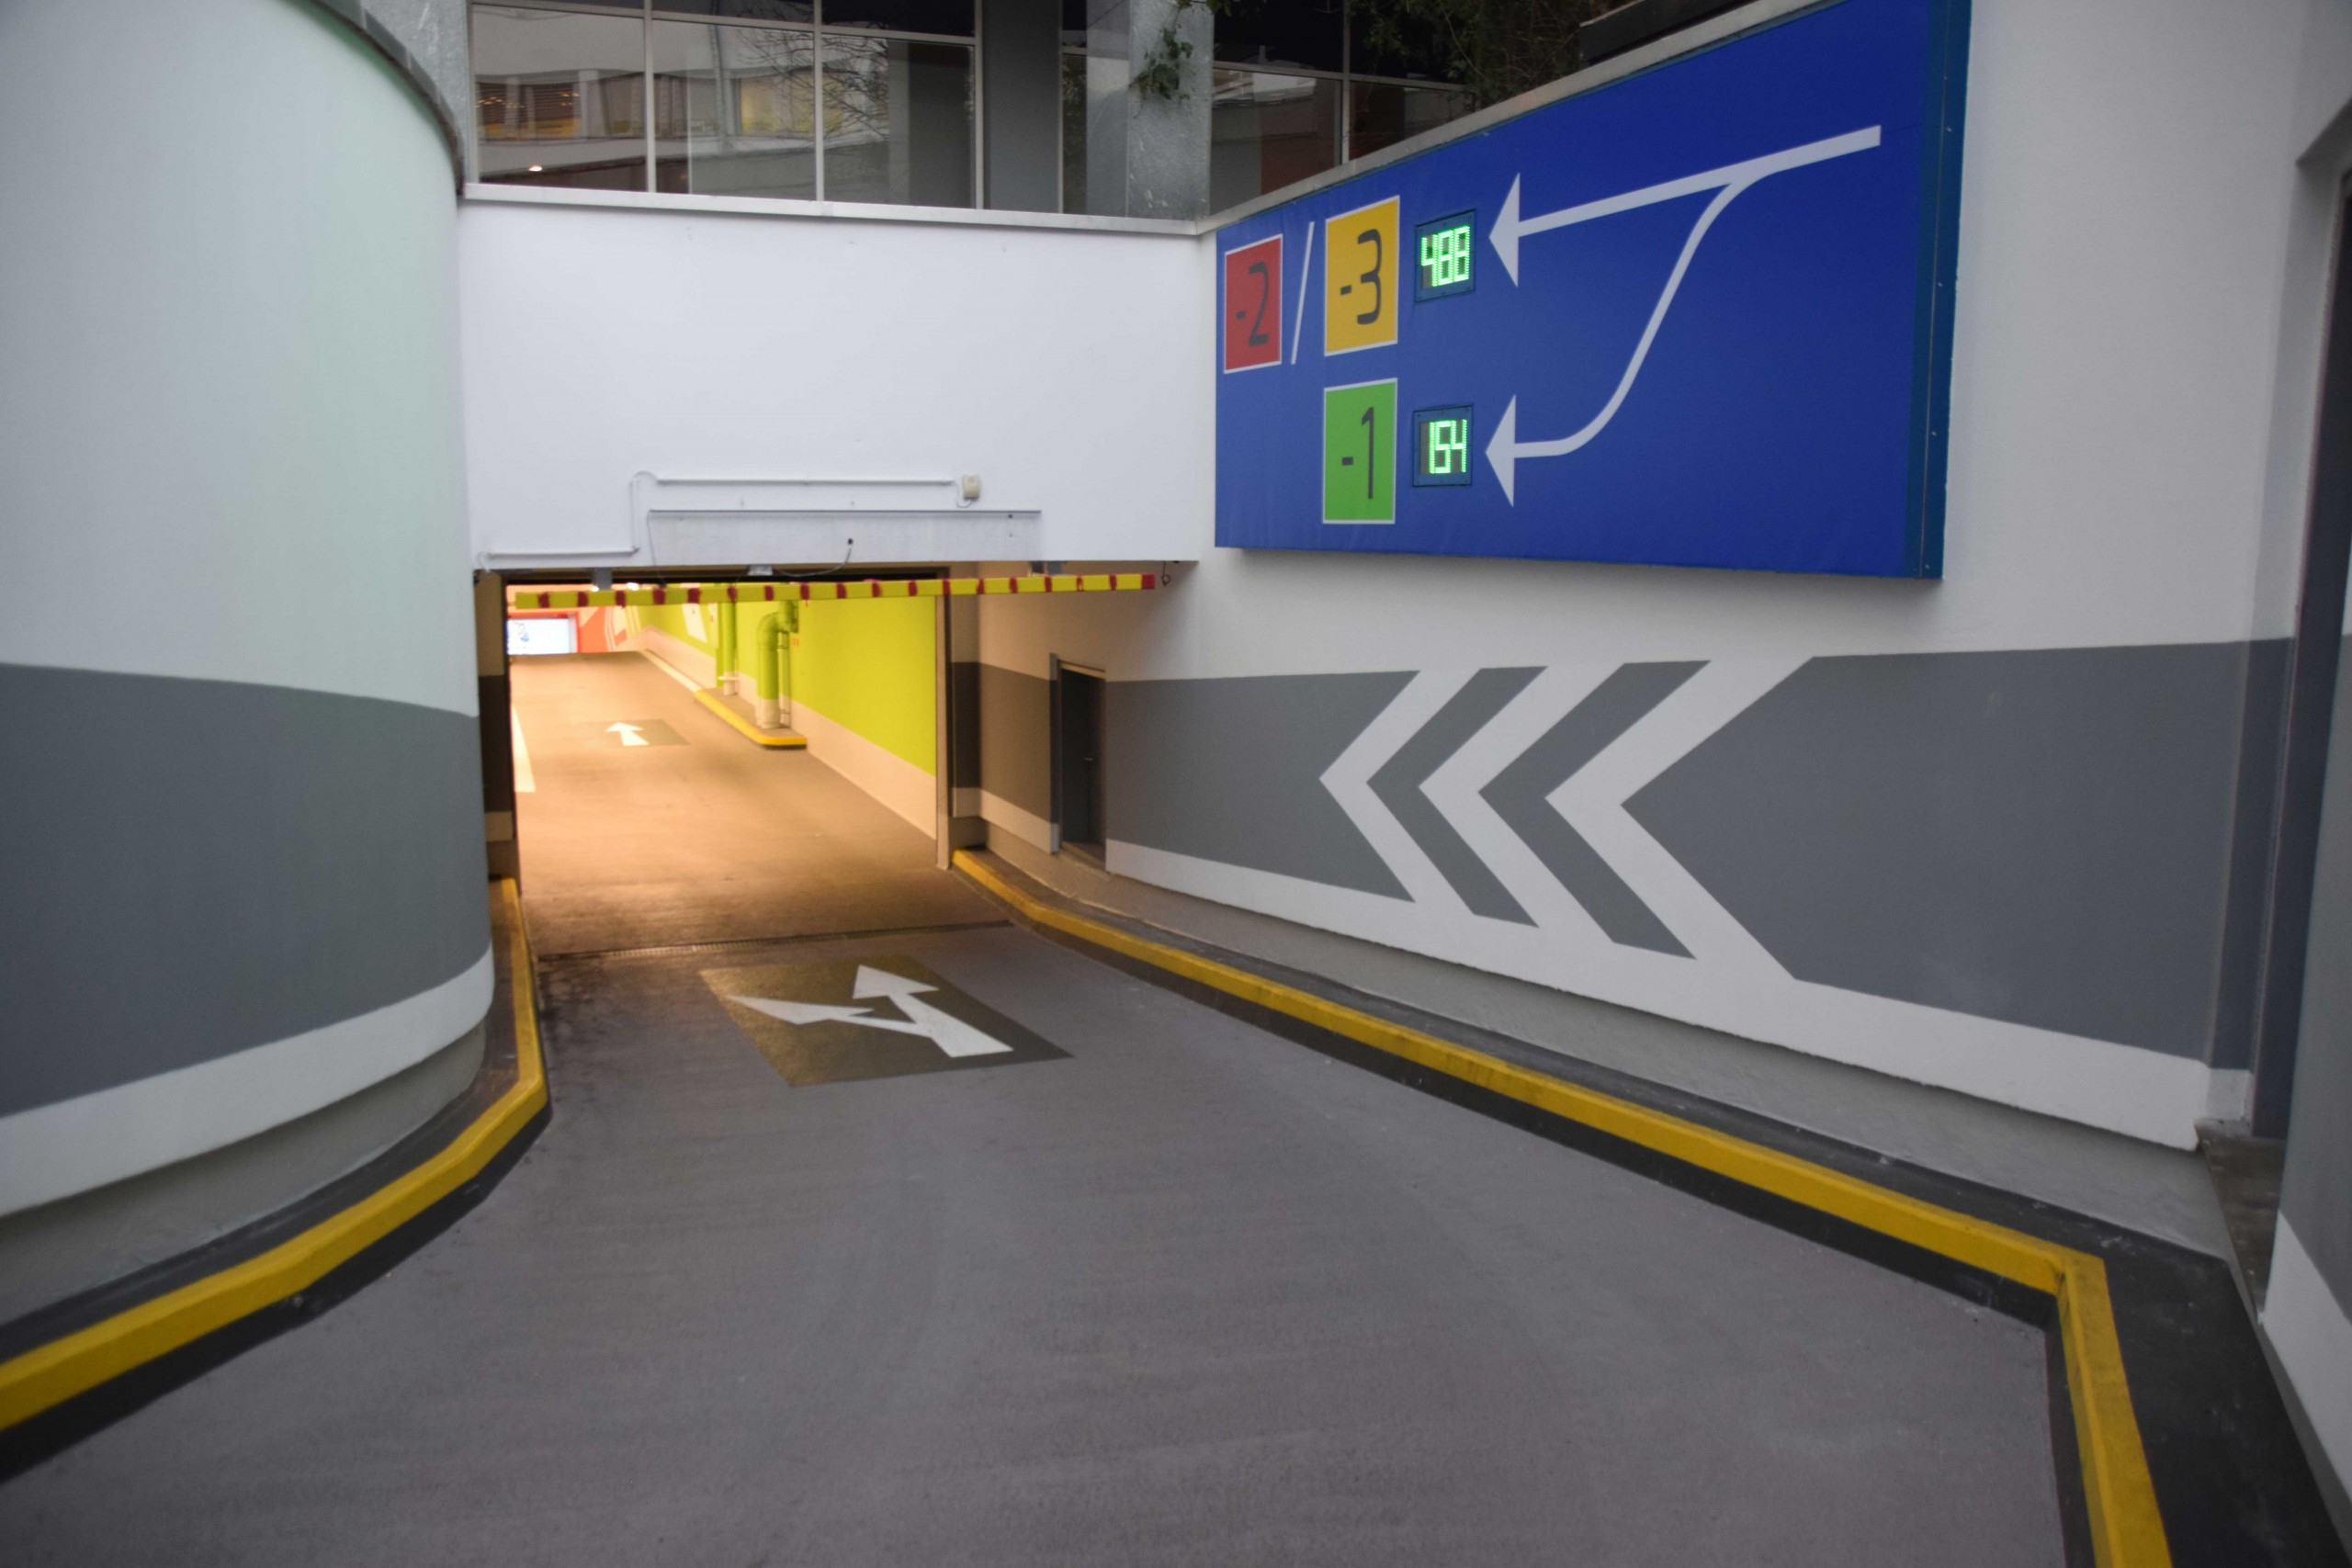 Einfahrt Tiefgarage Sillpark Shoppingcenter